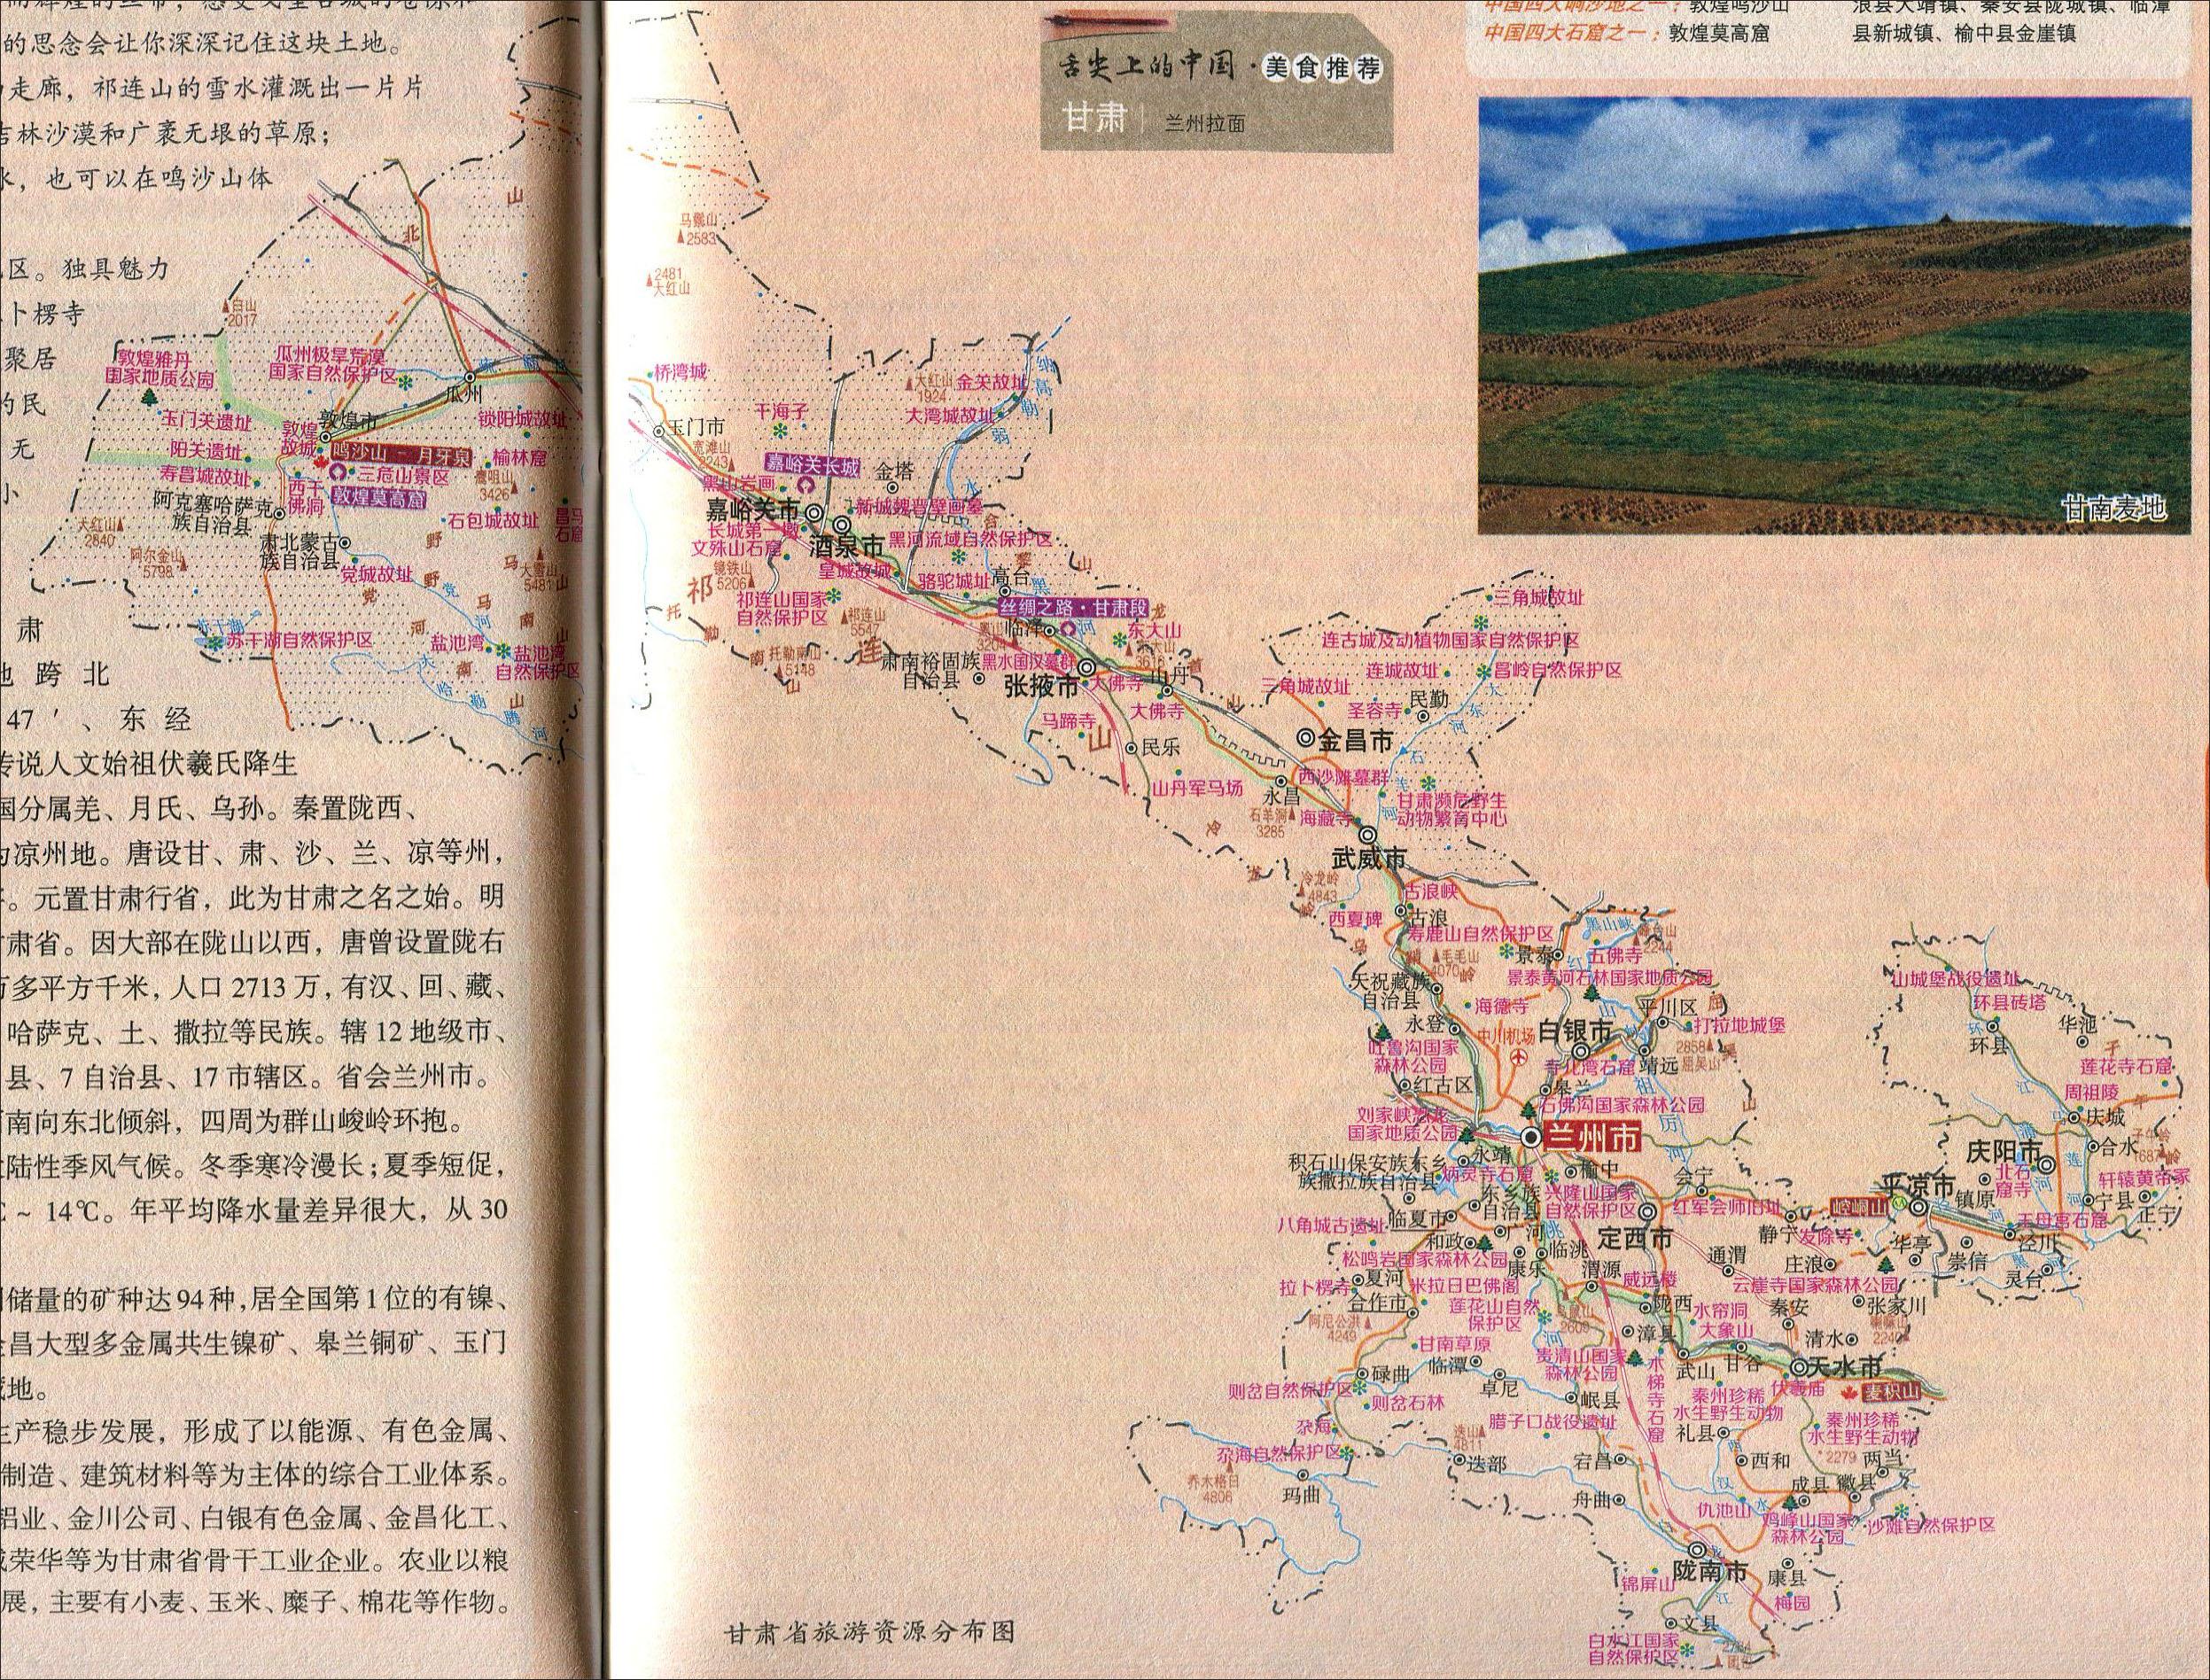 地图库 旅游地图 甘肃旅游 >> 甘肃省旅游资源分布图  景点导航:世界